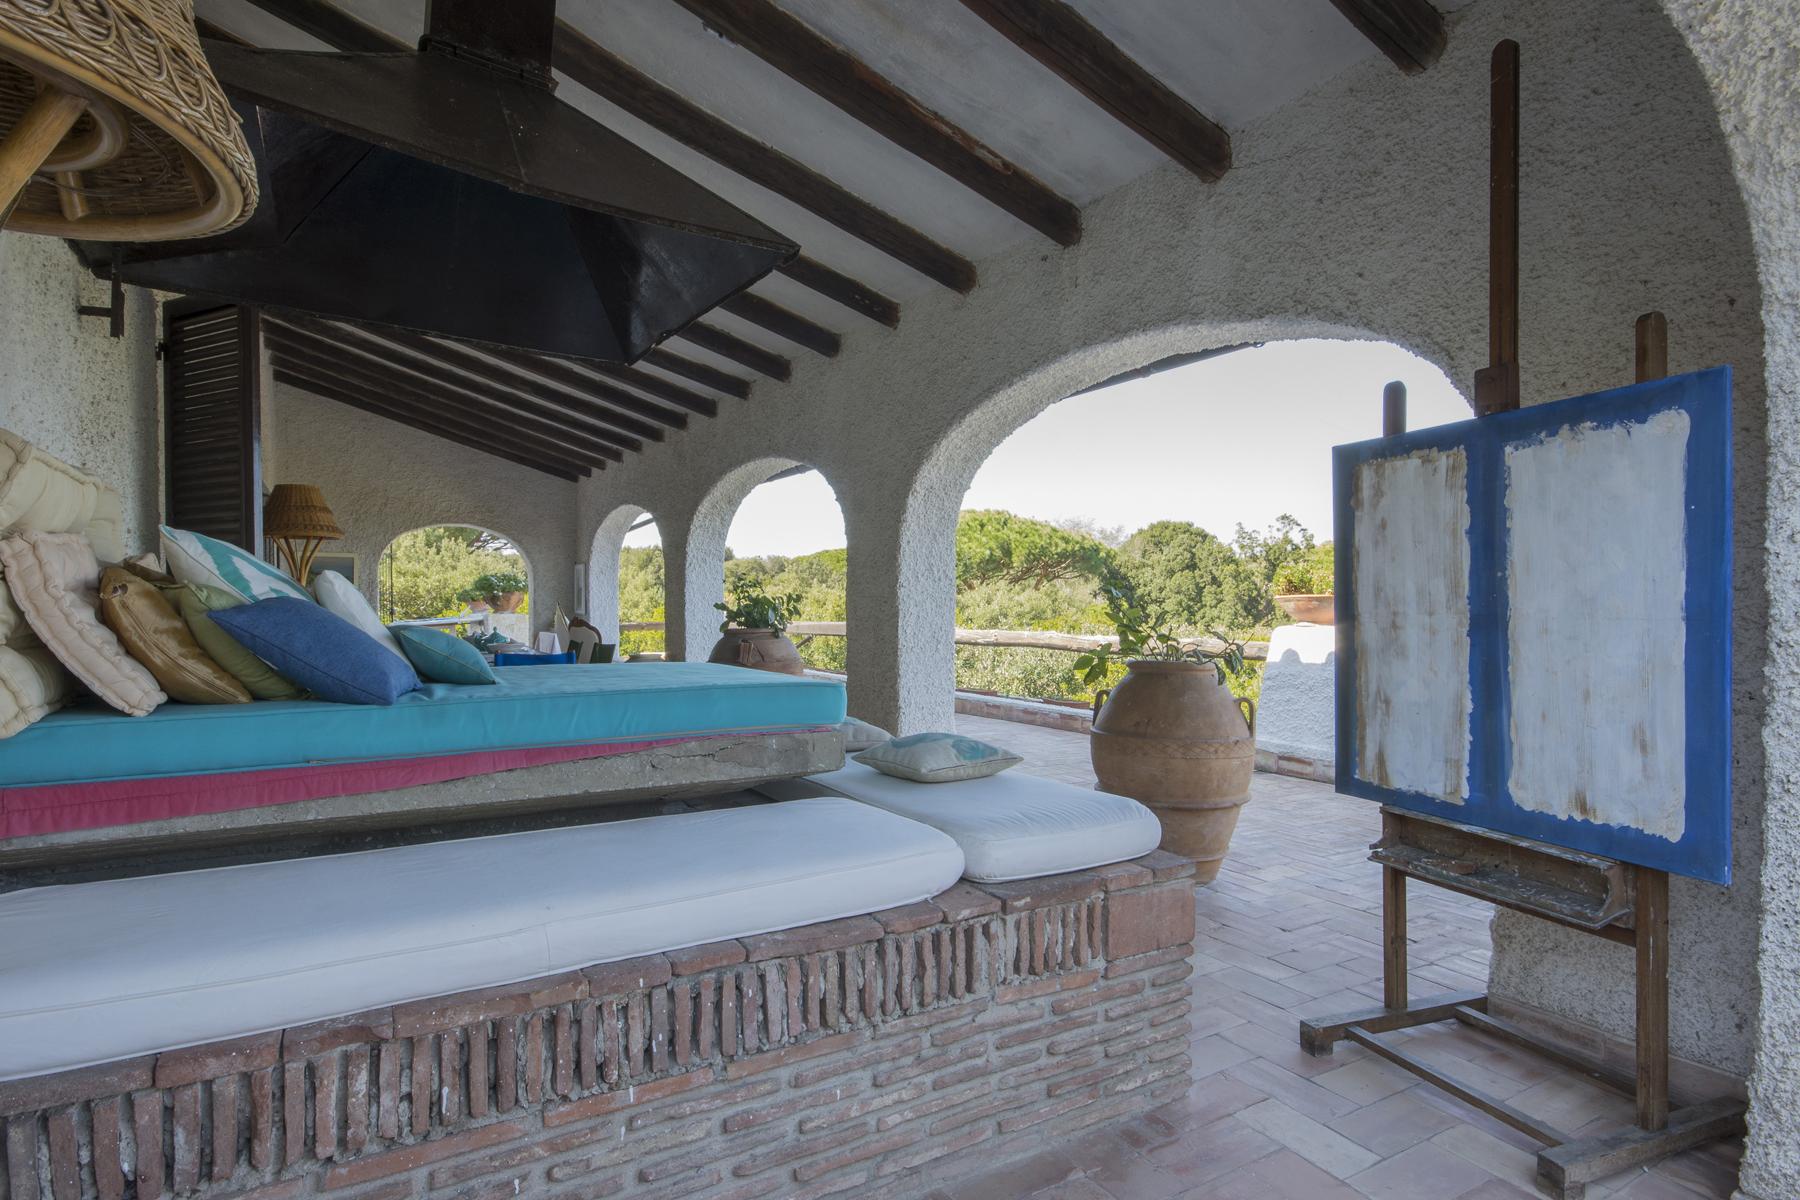 Villa in Vendita a Castiglione Della Pescaia: 5 locali, 323 mq - Foto 3